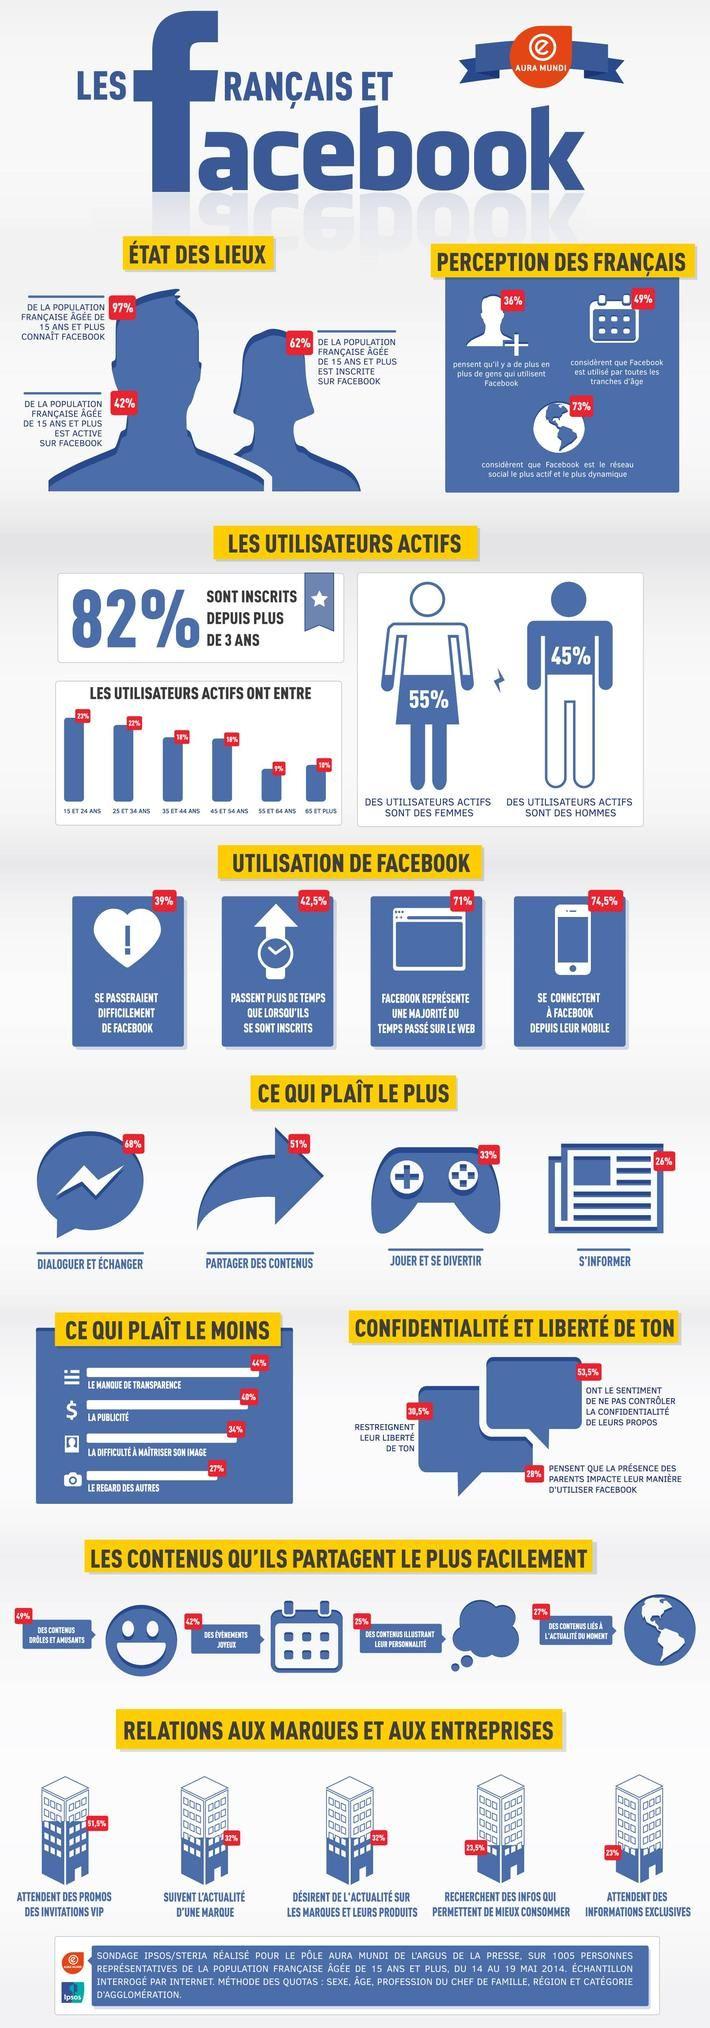 Facebook est le réseau social le plus populaire auprès des français. Qu'aiment-ils, quel type de contenu partagent-ils ?